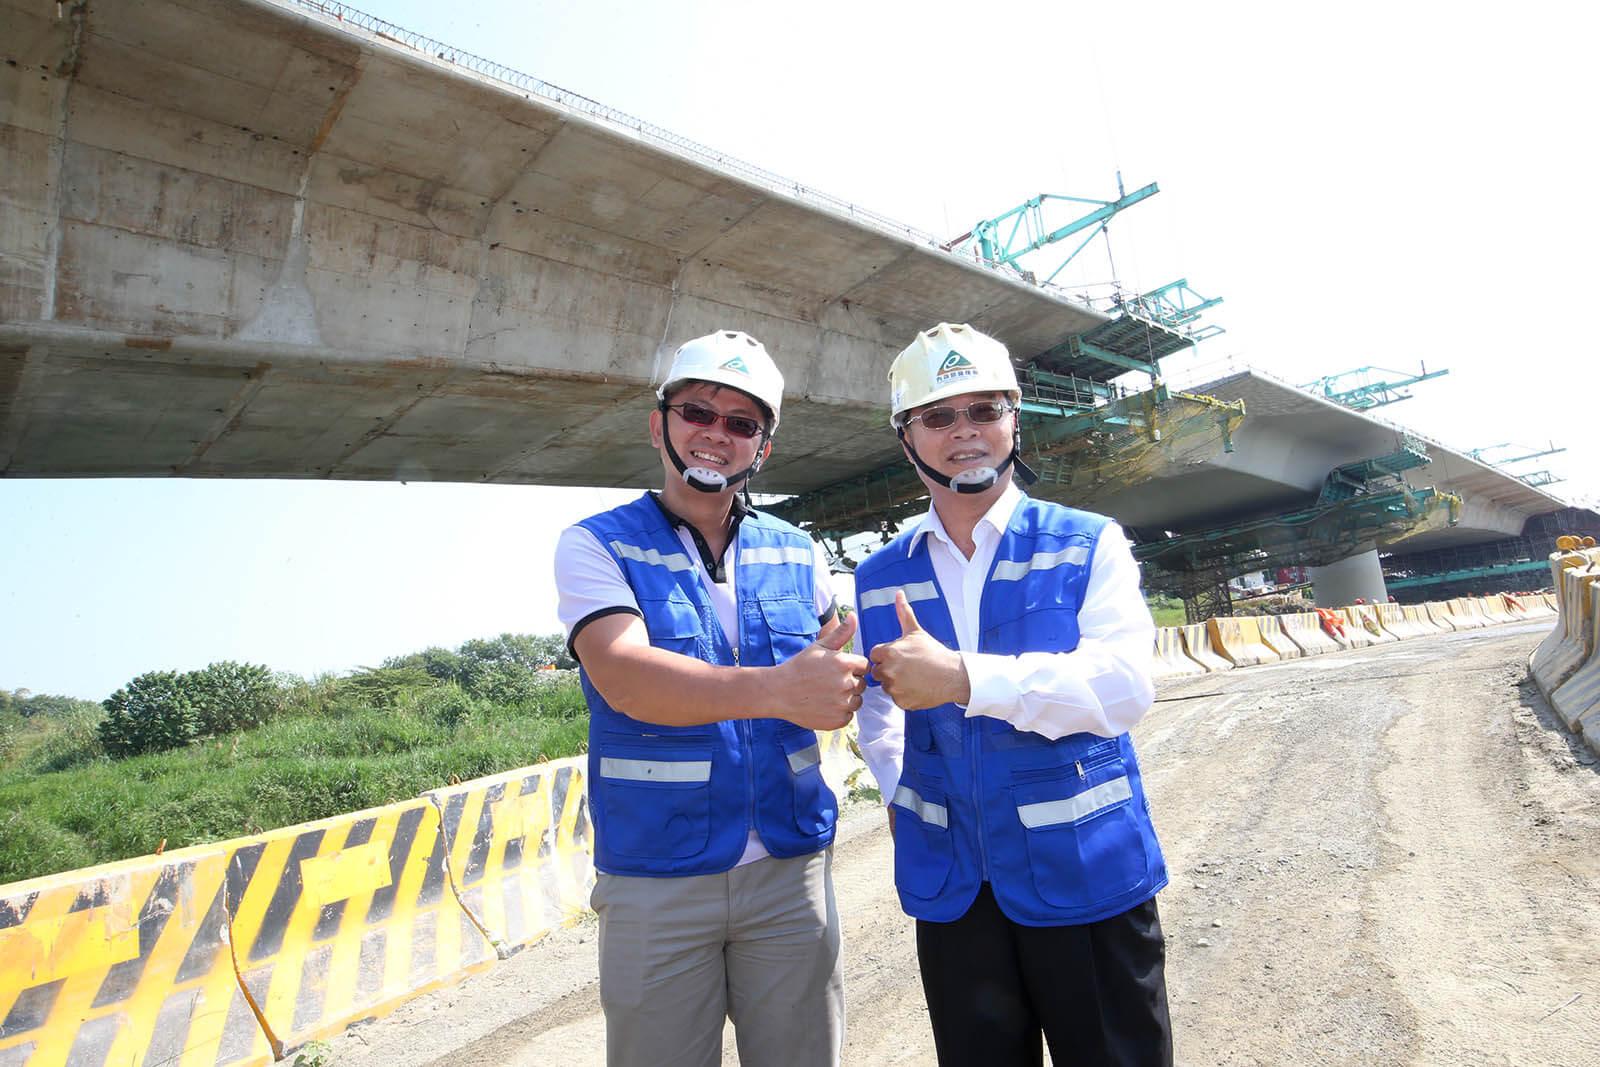 台中生活圈2號線環中路高架橋特別設計匝道垂直綠化牆面實景照片